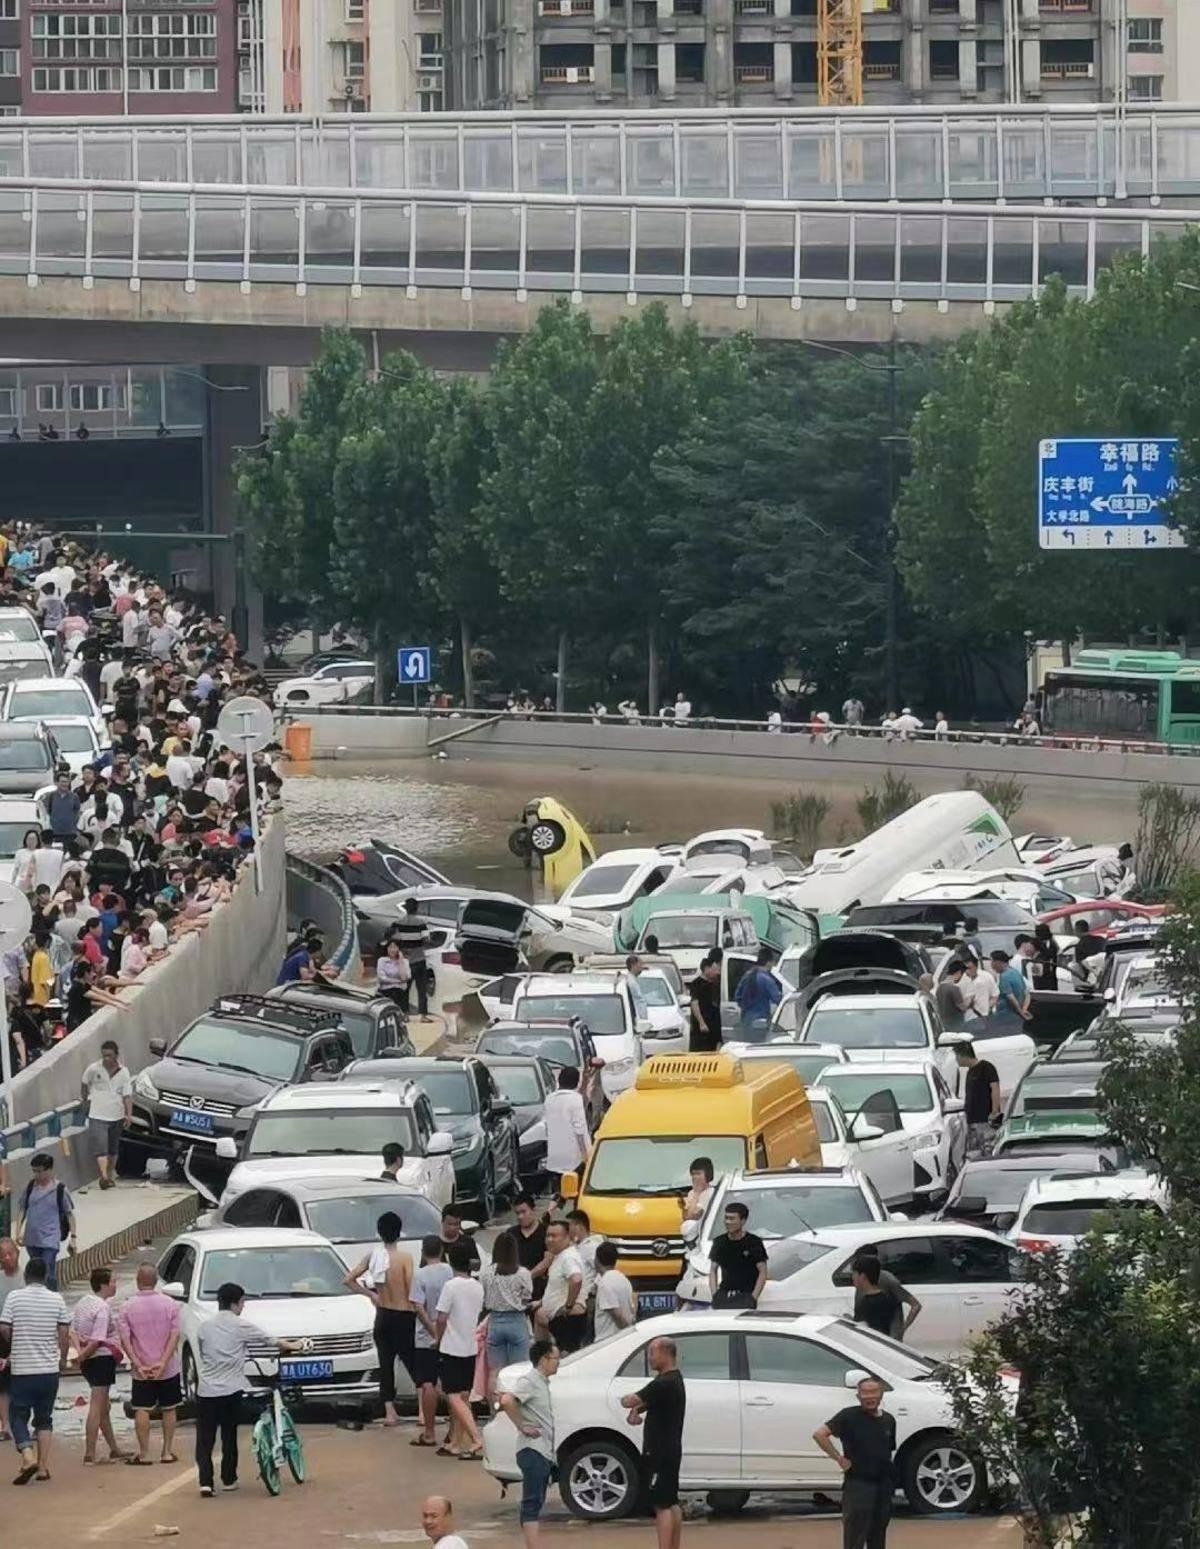 河南遇特大暴雨!车被淹了赔不赔看这里